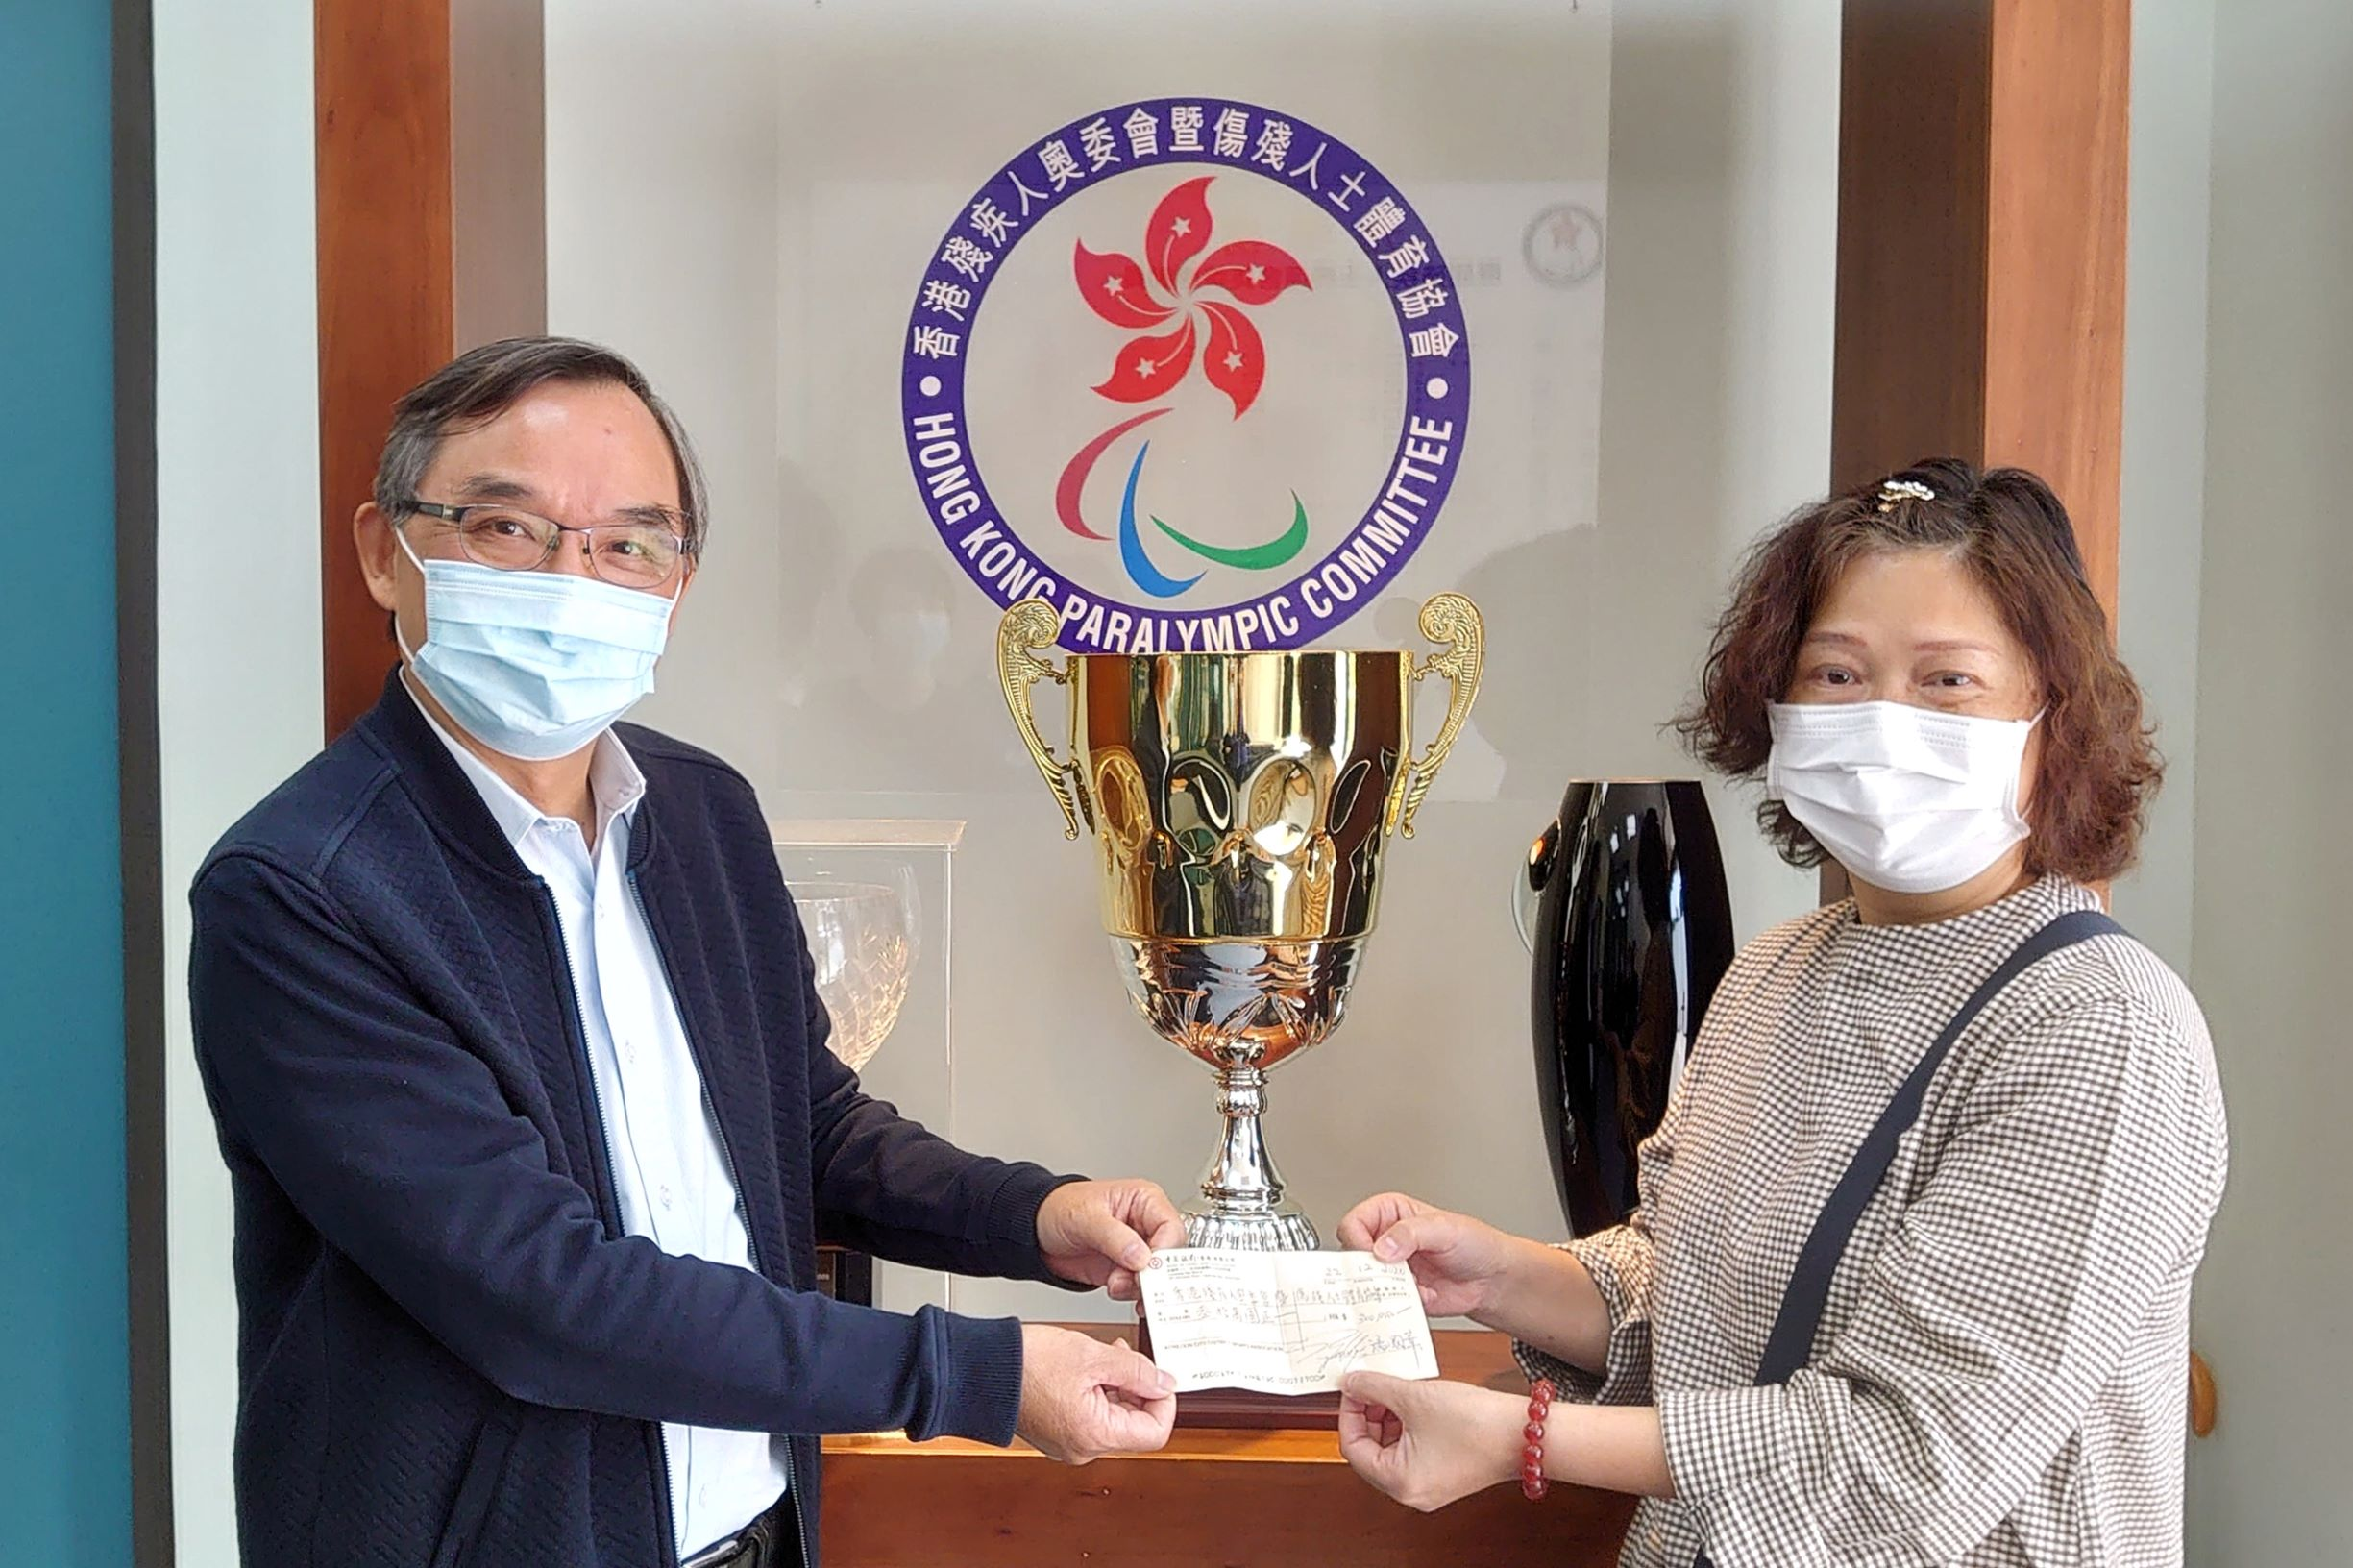 鳴謝九龍城區體育會捐款